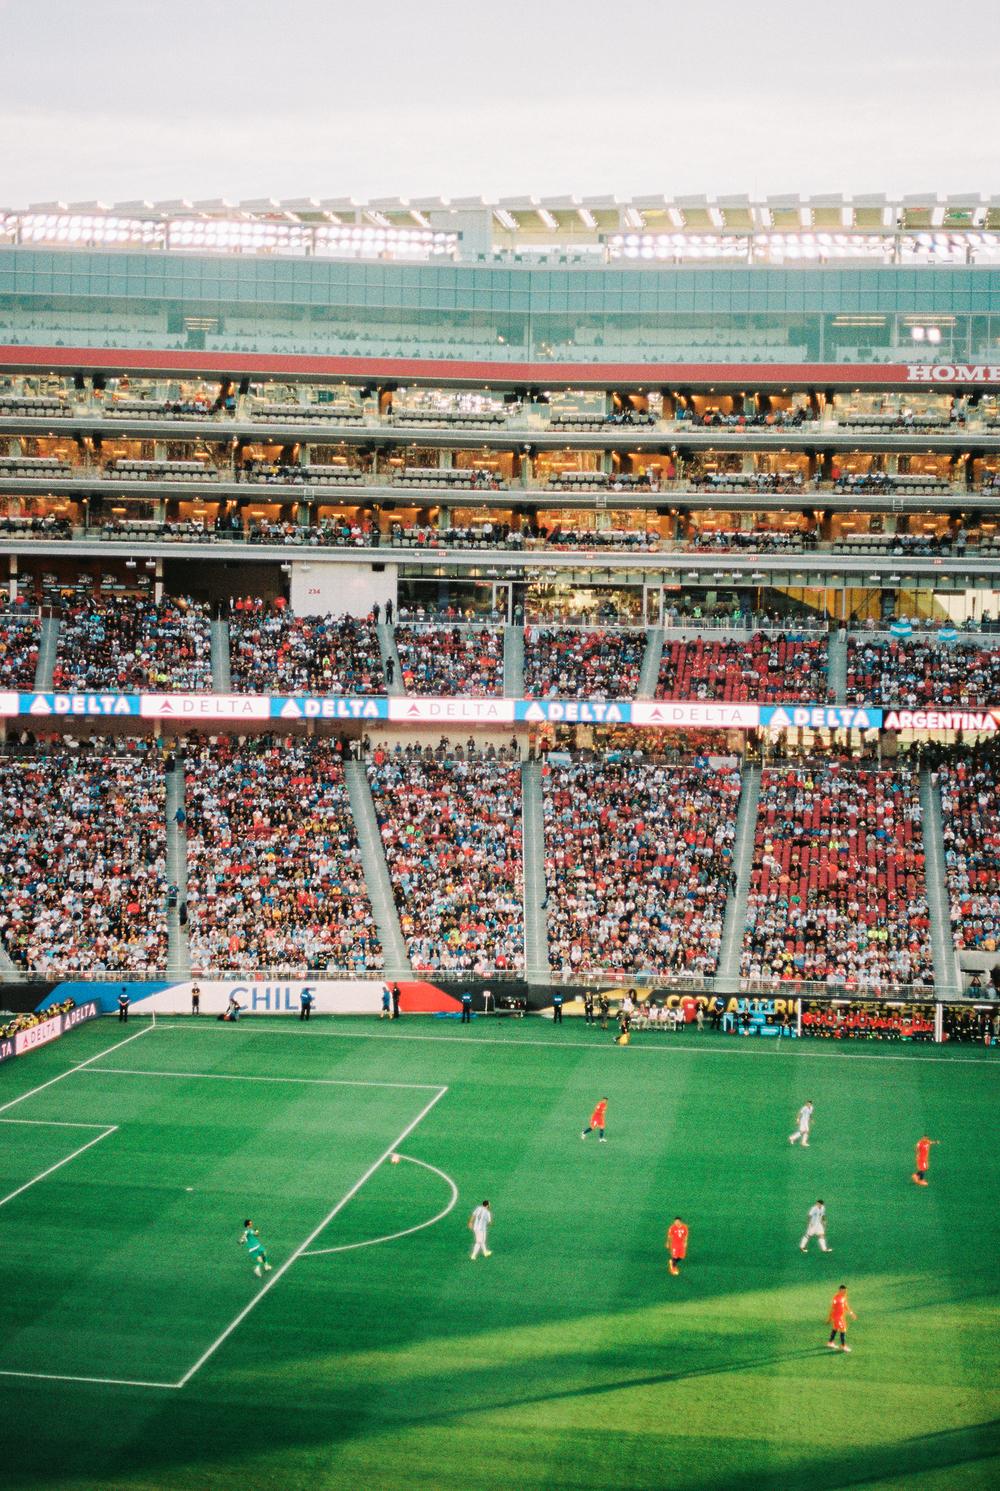 San Francisco - Alcatraz - Film - Portra - Fuji - Copa America - San Jose - Canon AE-1 - USA - Colombia - Chile - Argentina - Copa America Centenario